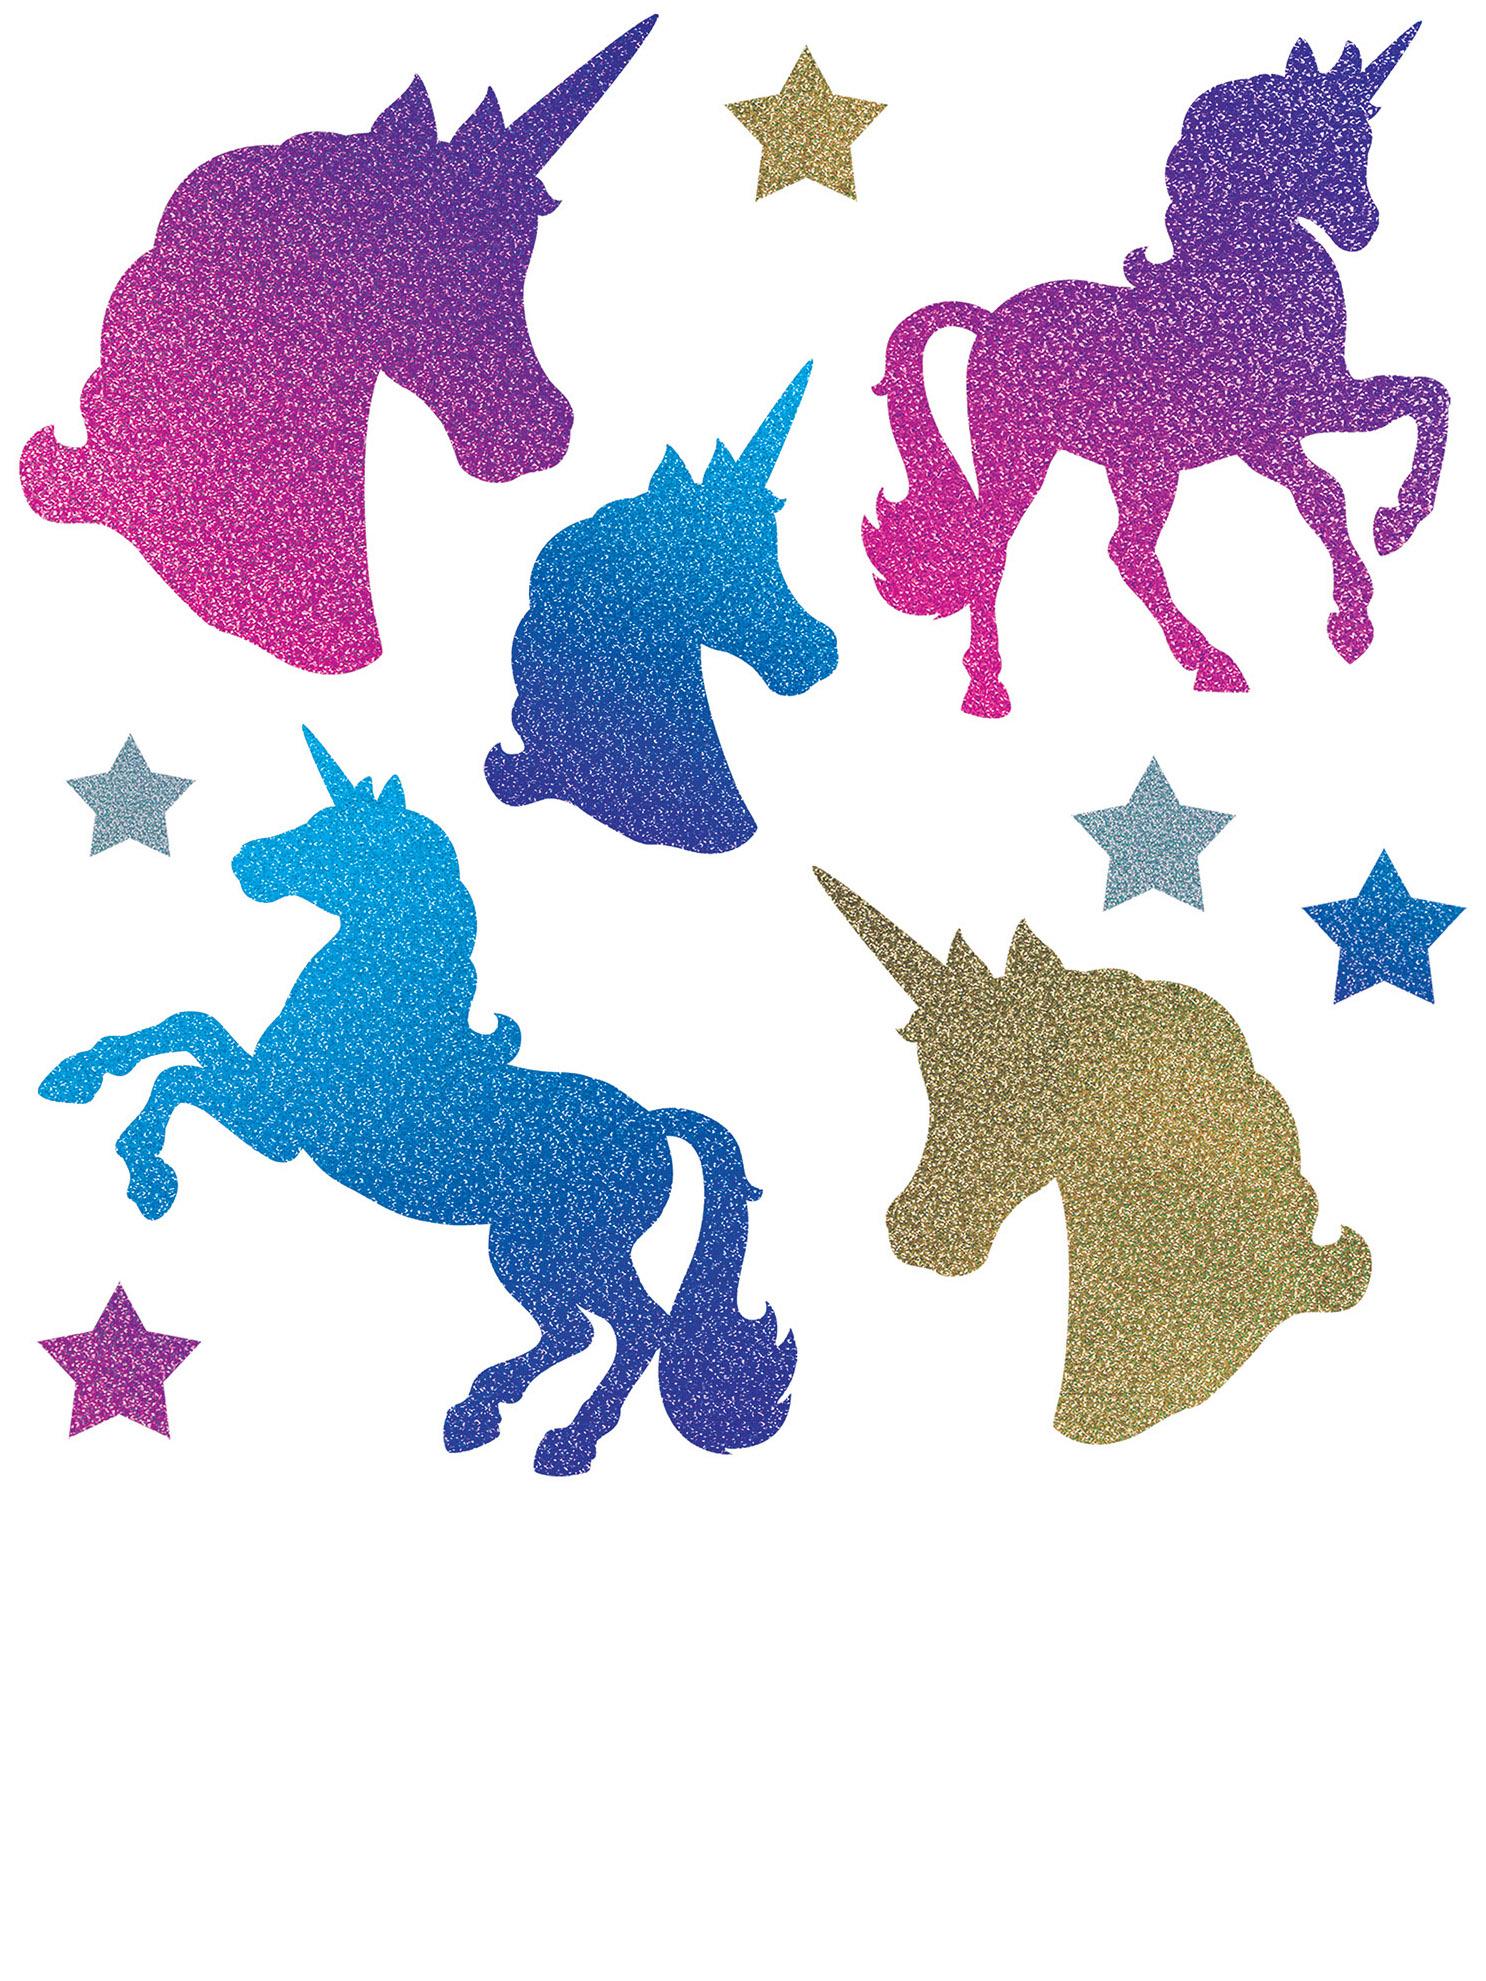 Ritagli unicorno in cartone con brillantini addobbi e